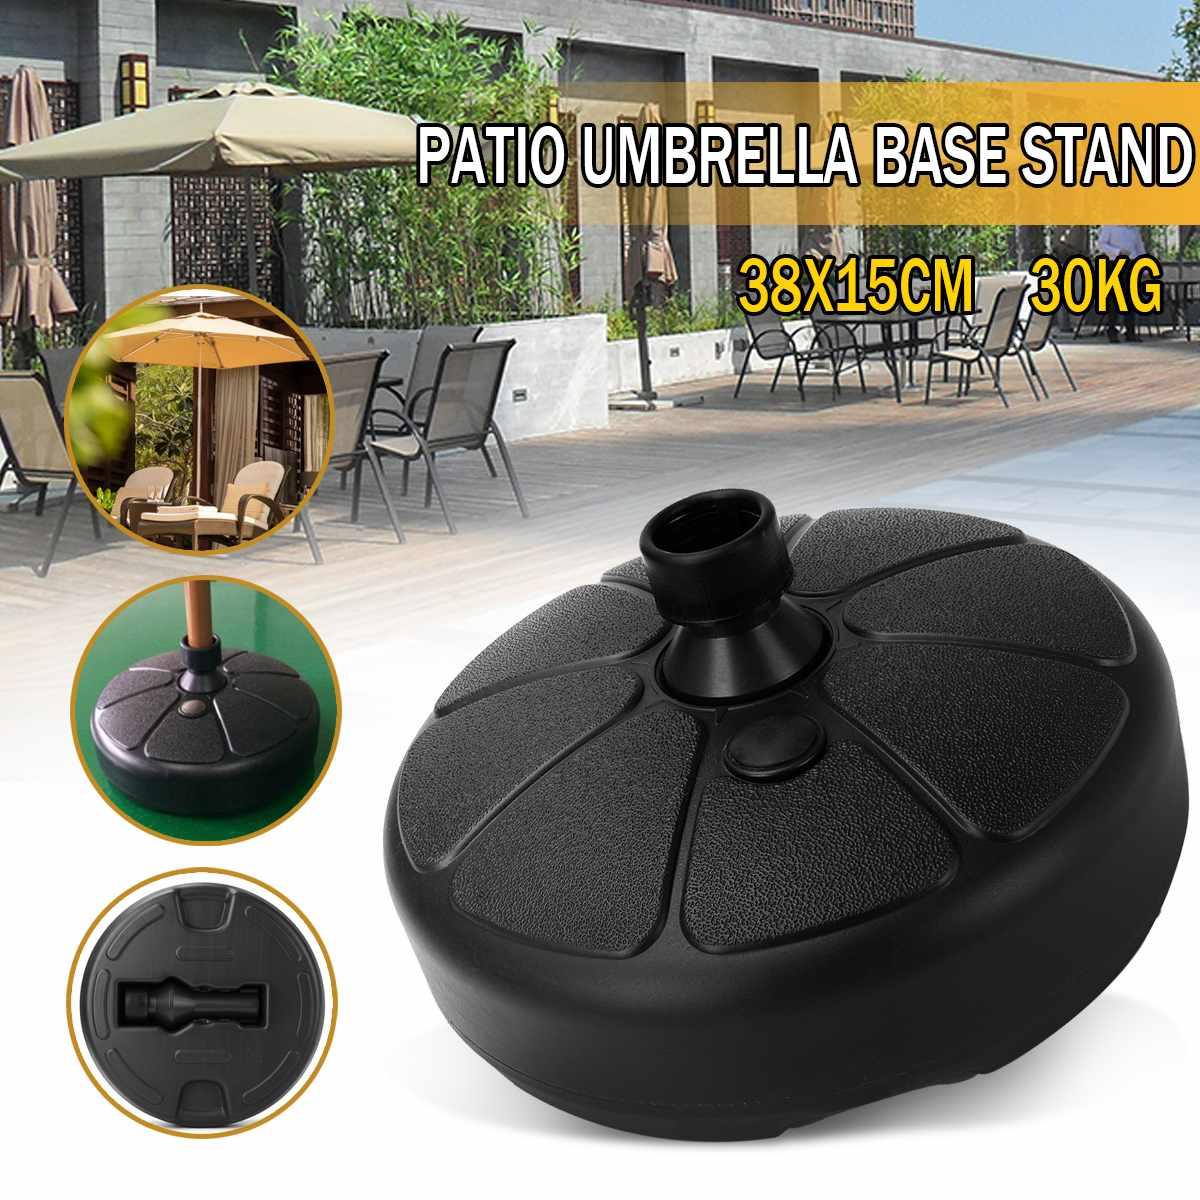 Portable Durable Outdoor Parasol Garden Umbrella Base Stand Round Patio Beach Garden Patio Umbrella Sun Shelter Accessory